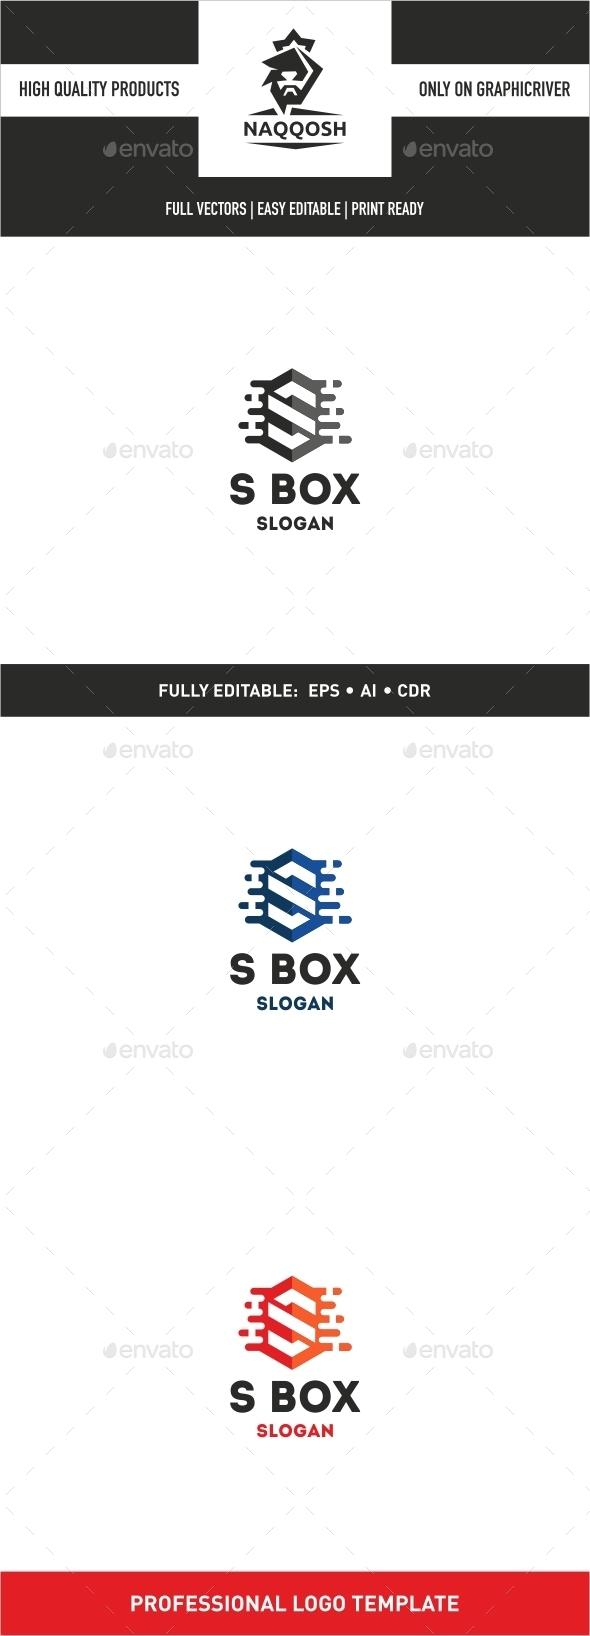 GraphicRiver S BOX 9944517